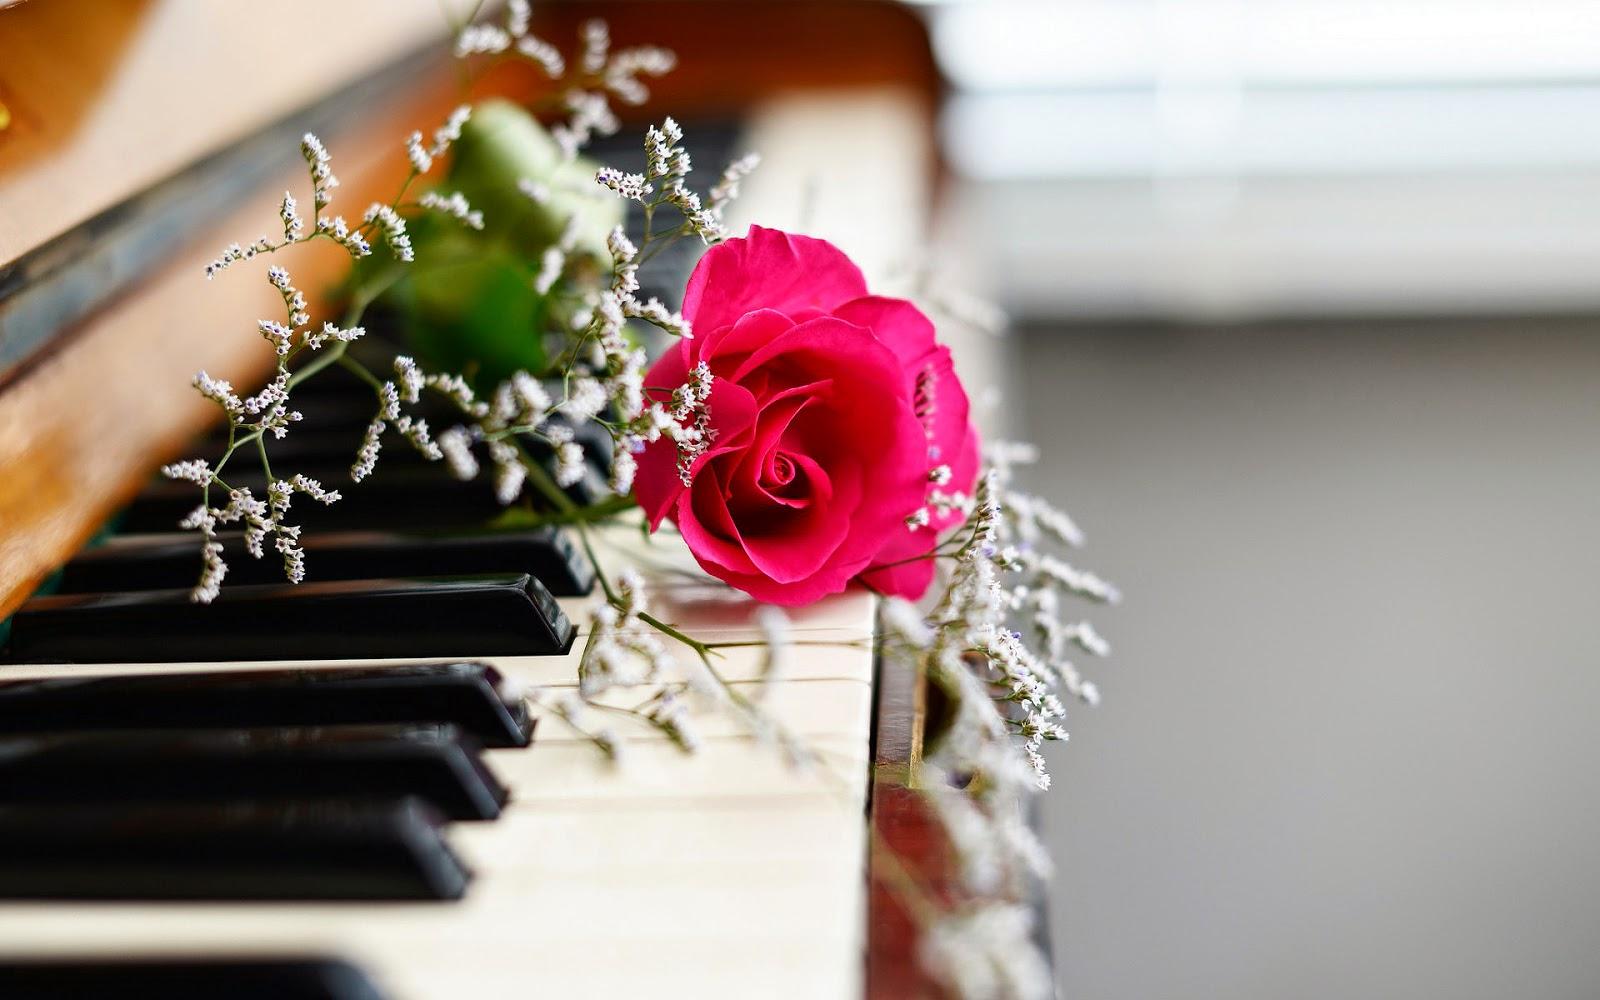 Foto van een piano met rode roos